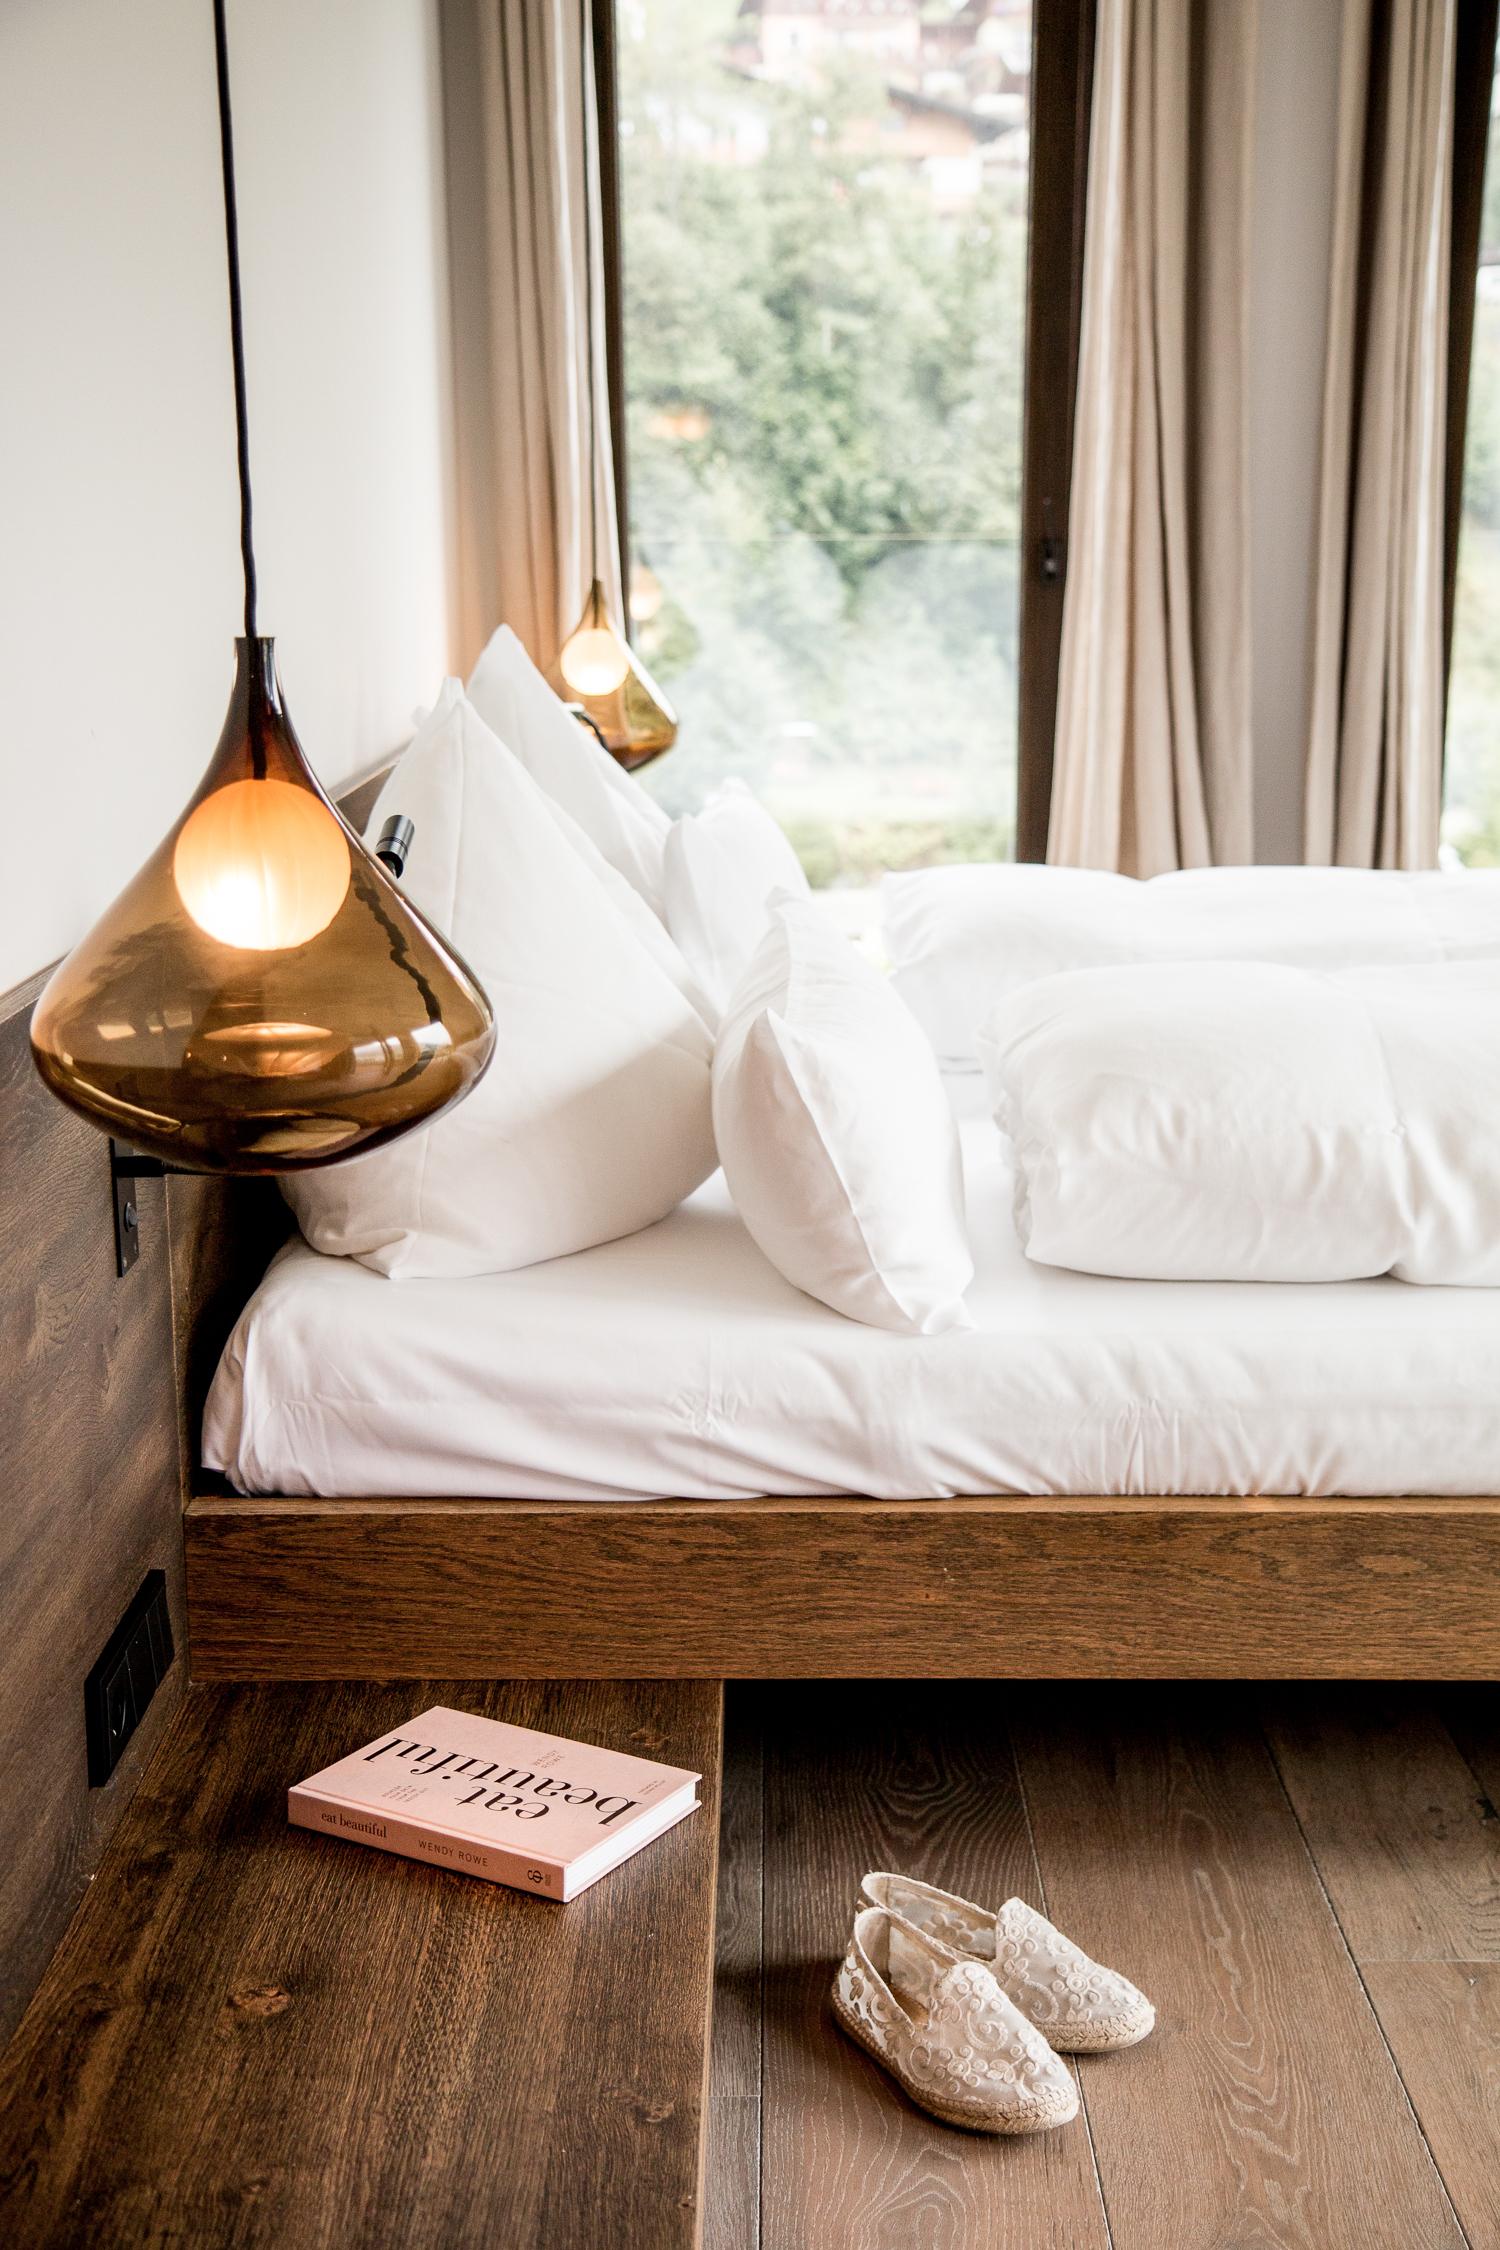 HOTEL REVIEW: Wiesergut, Saalbach-Hinterglemm